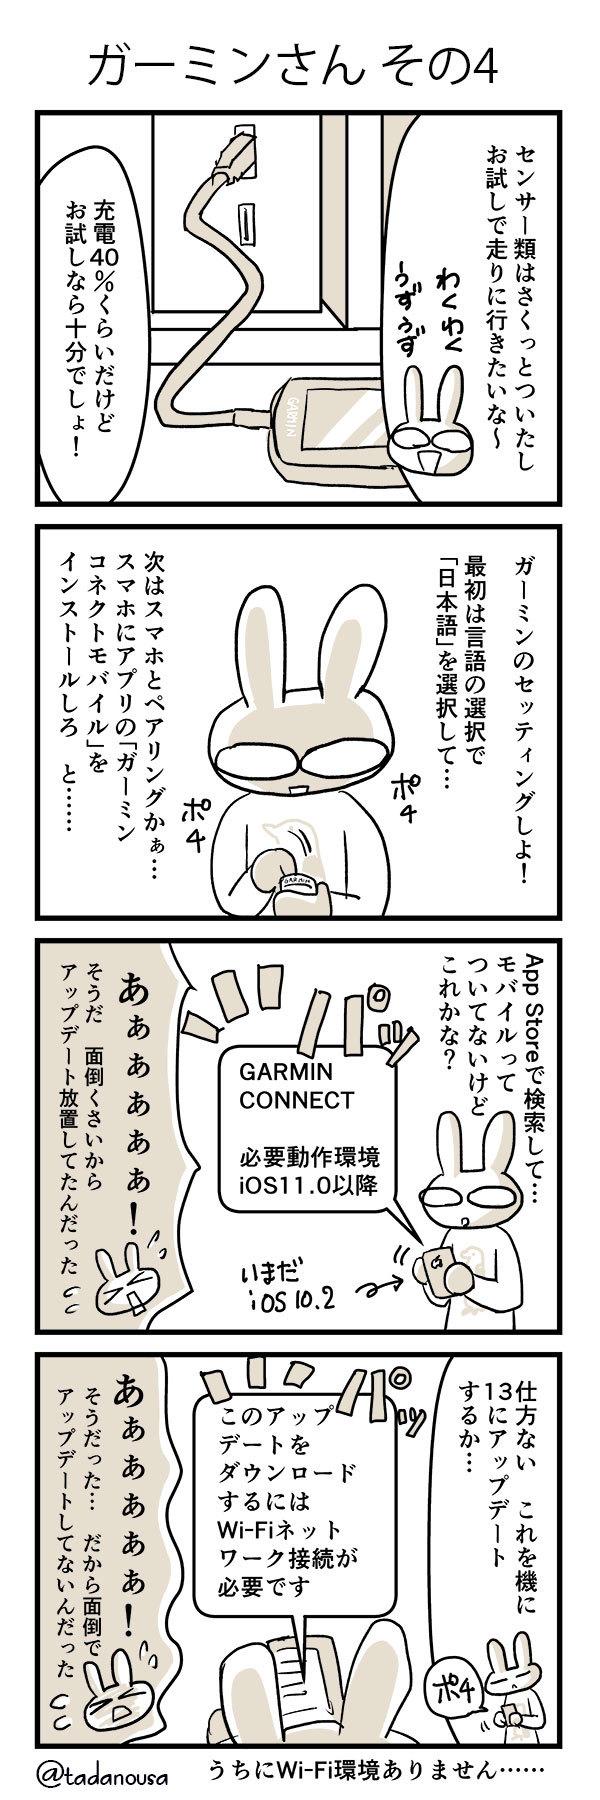 ガーミン4